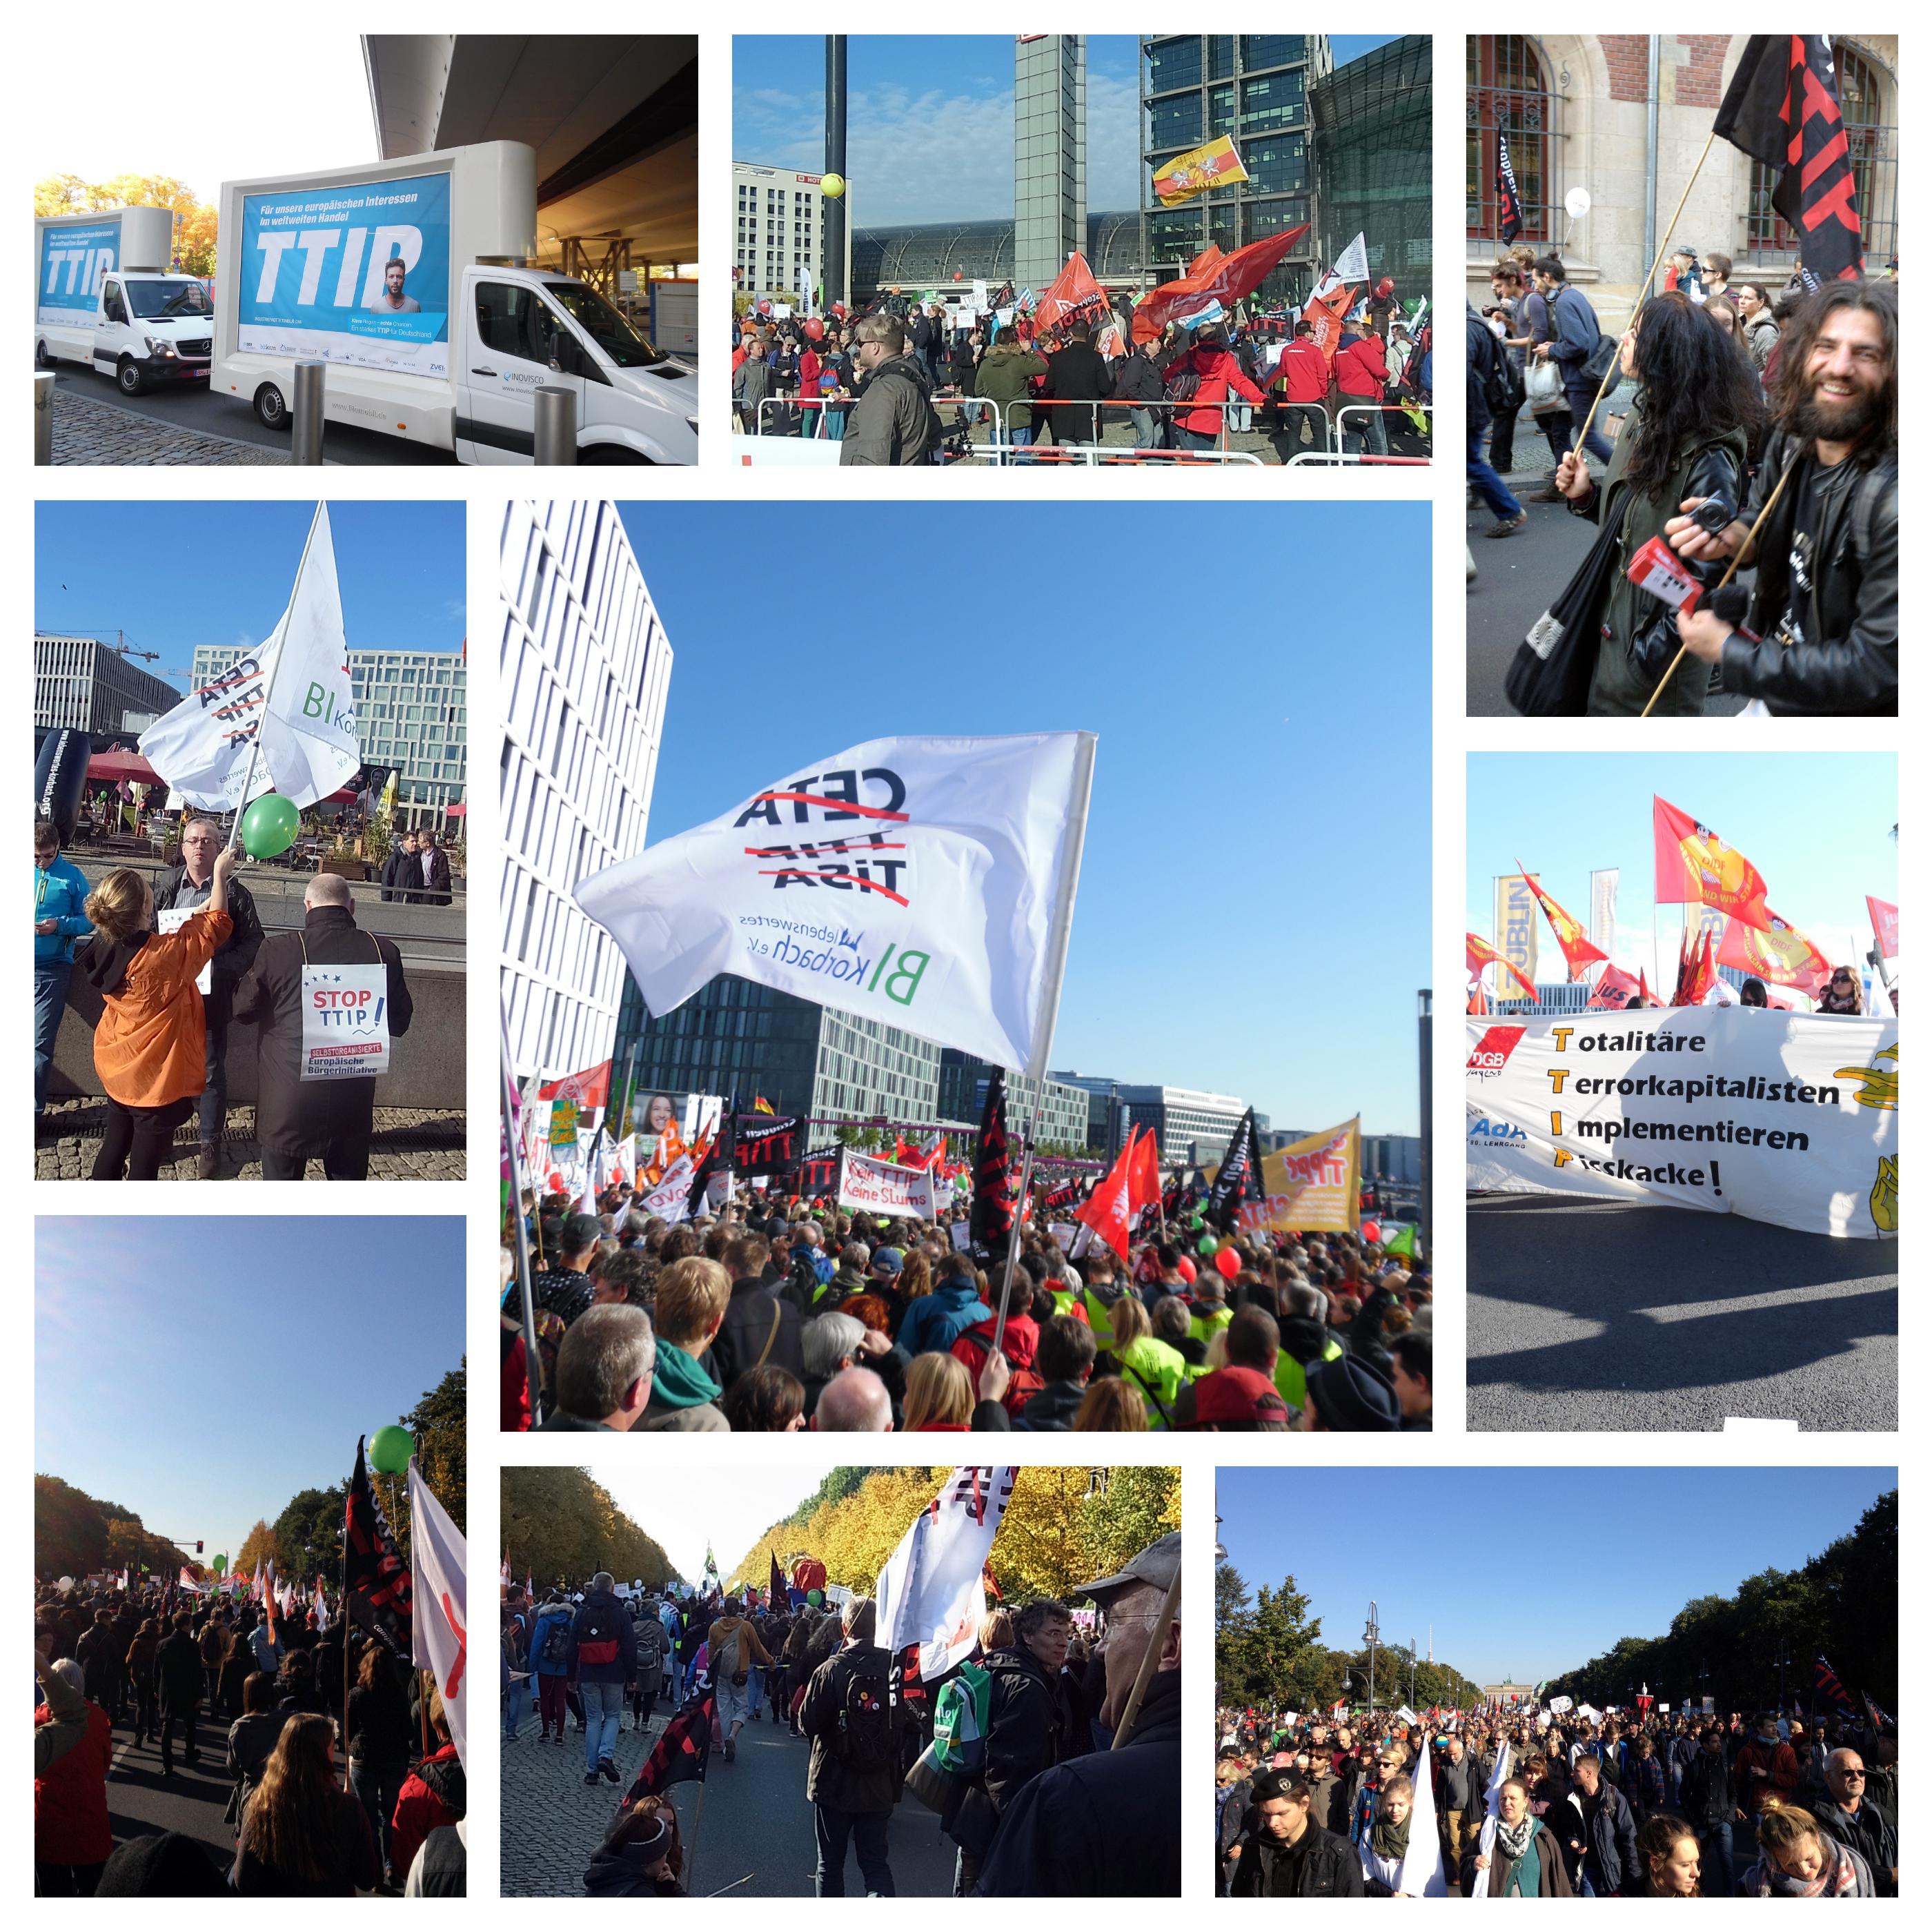 Die Bildrechte der für diese Collage verwendeten Bilder liegen bei Harald Rücker und Andy Gheorghiu, Oktober 2015